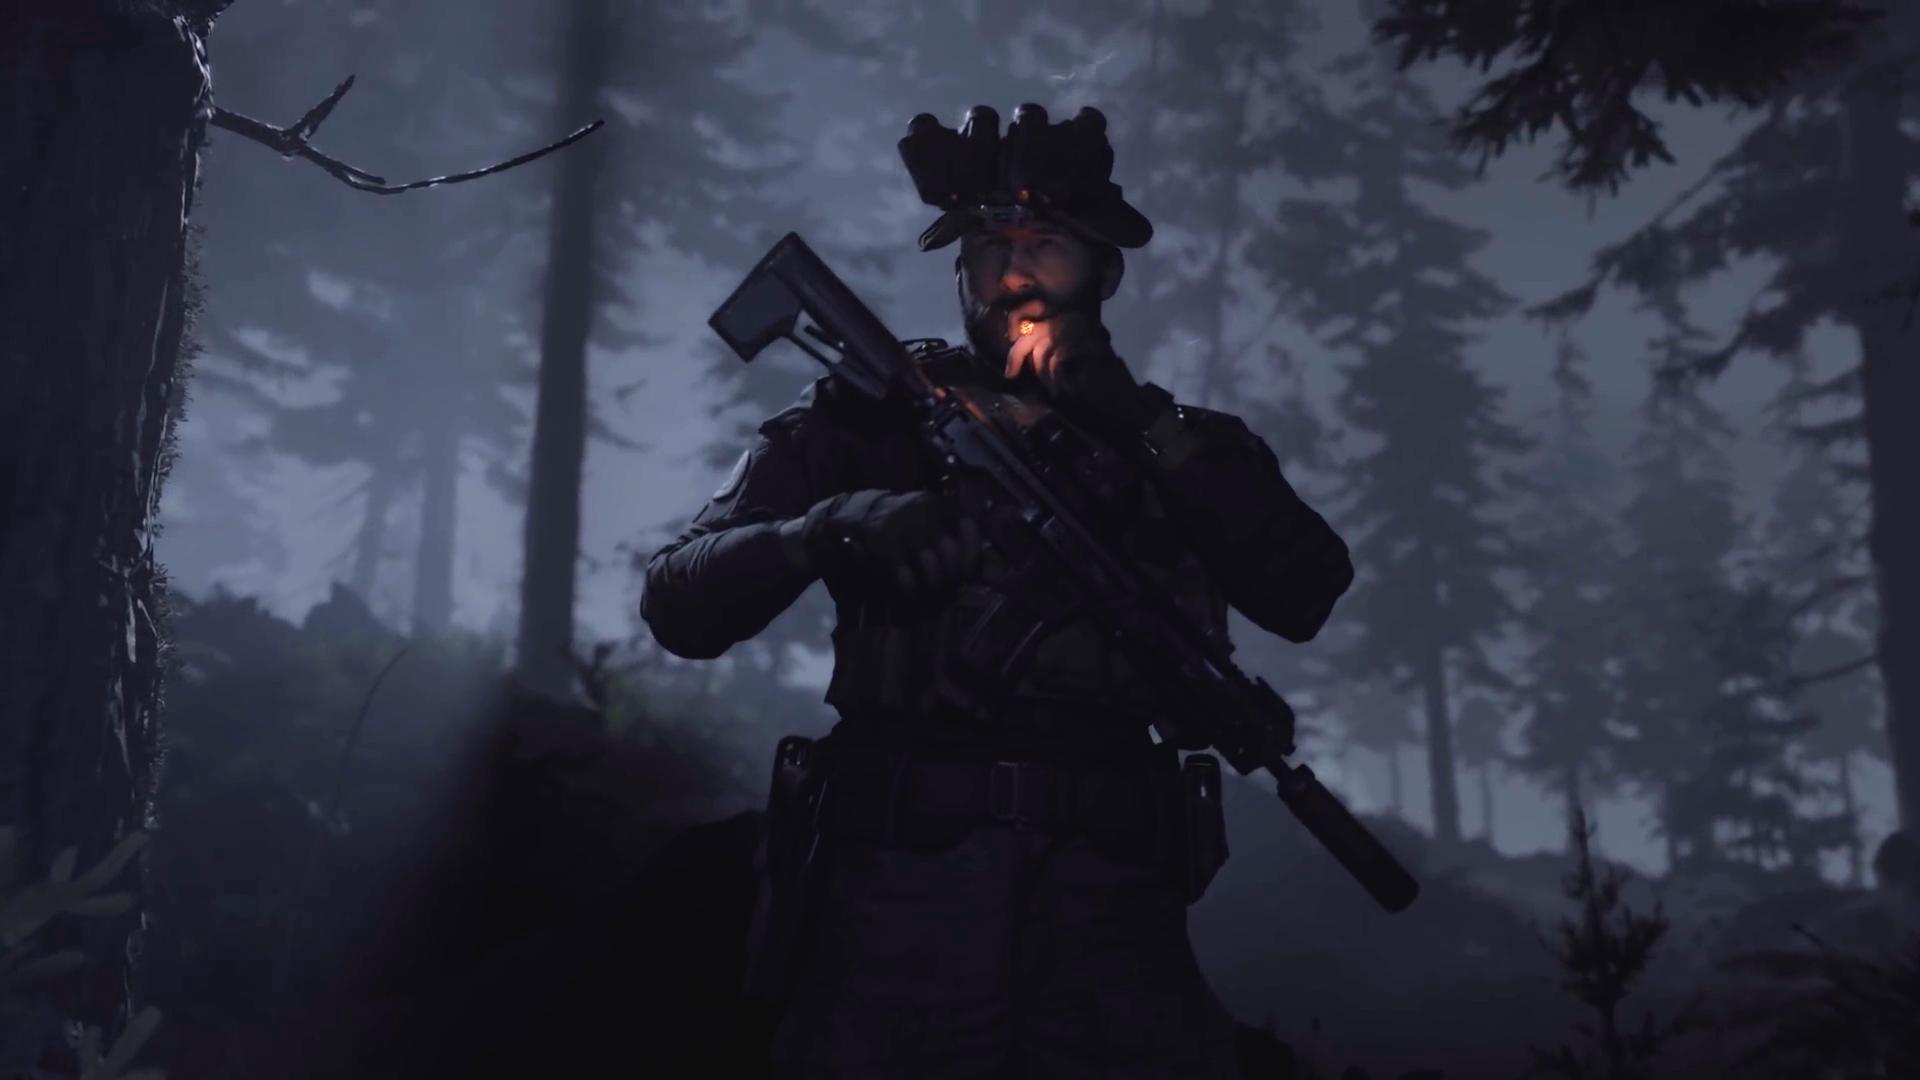 เผยสเปคคอม Call Of Duty: Modern Warfare Beta จะมากจะน้อยยังไงมาดูกันได้เลย!